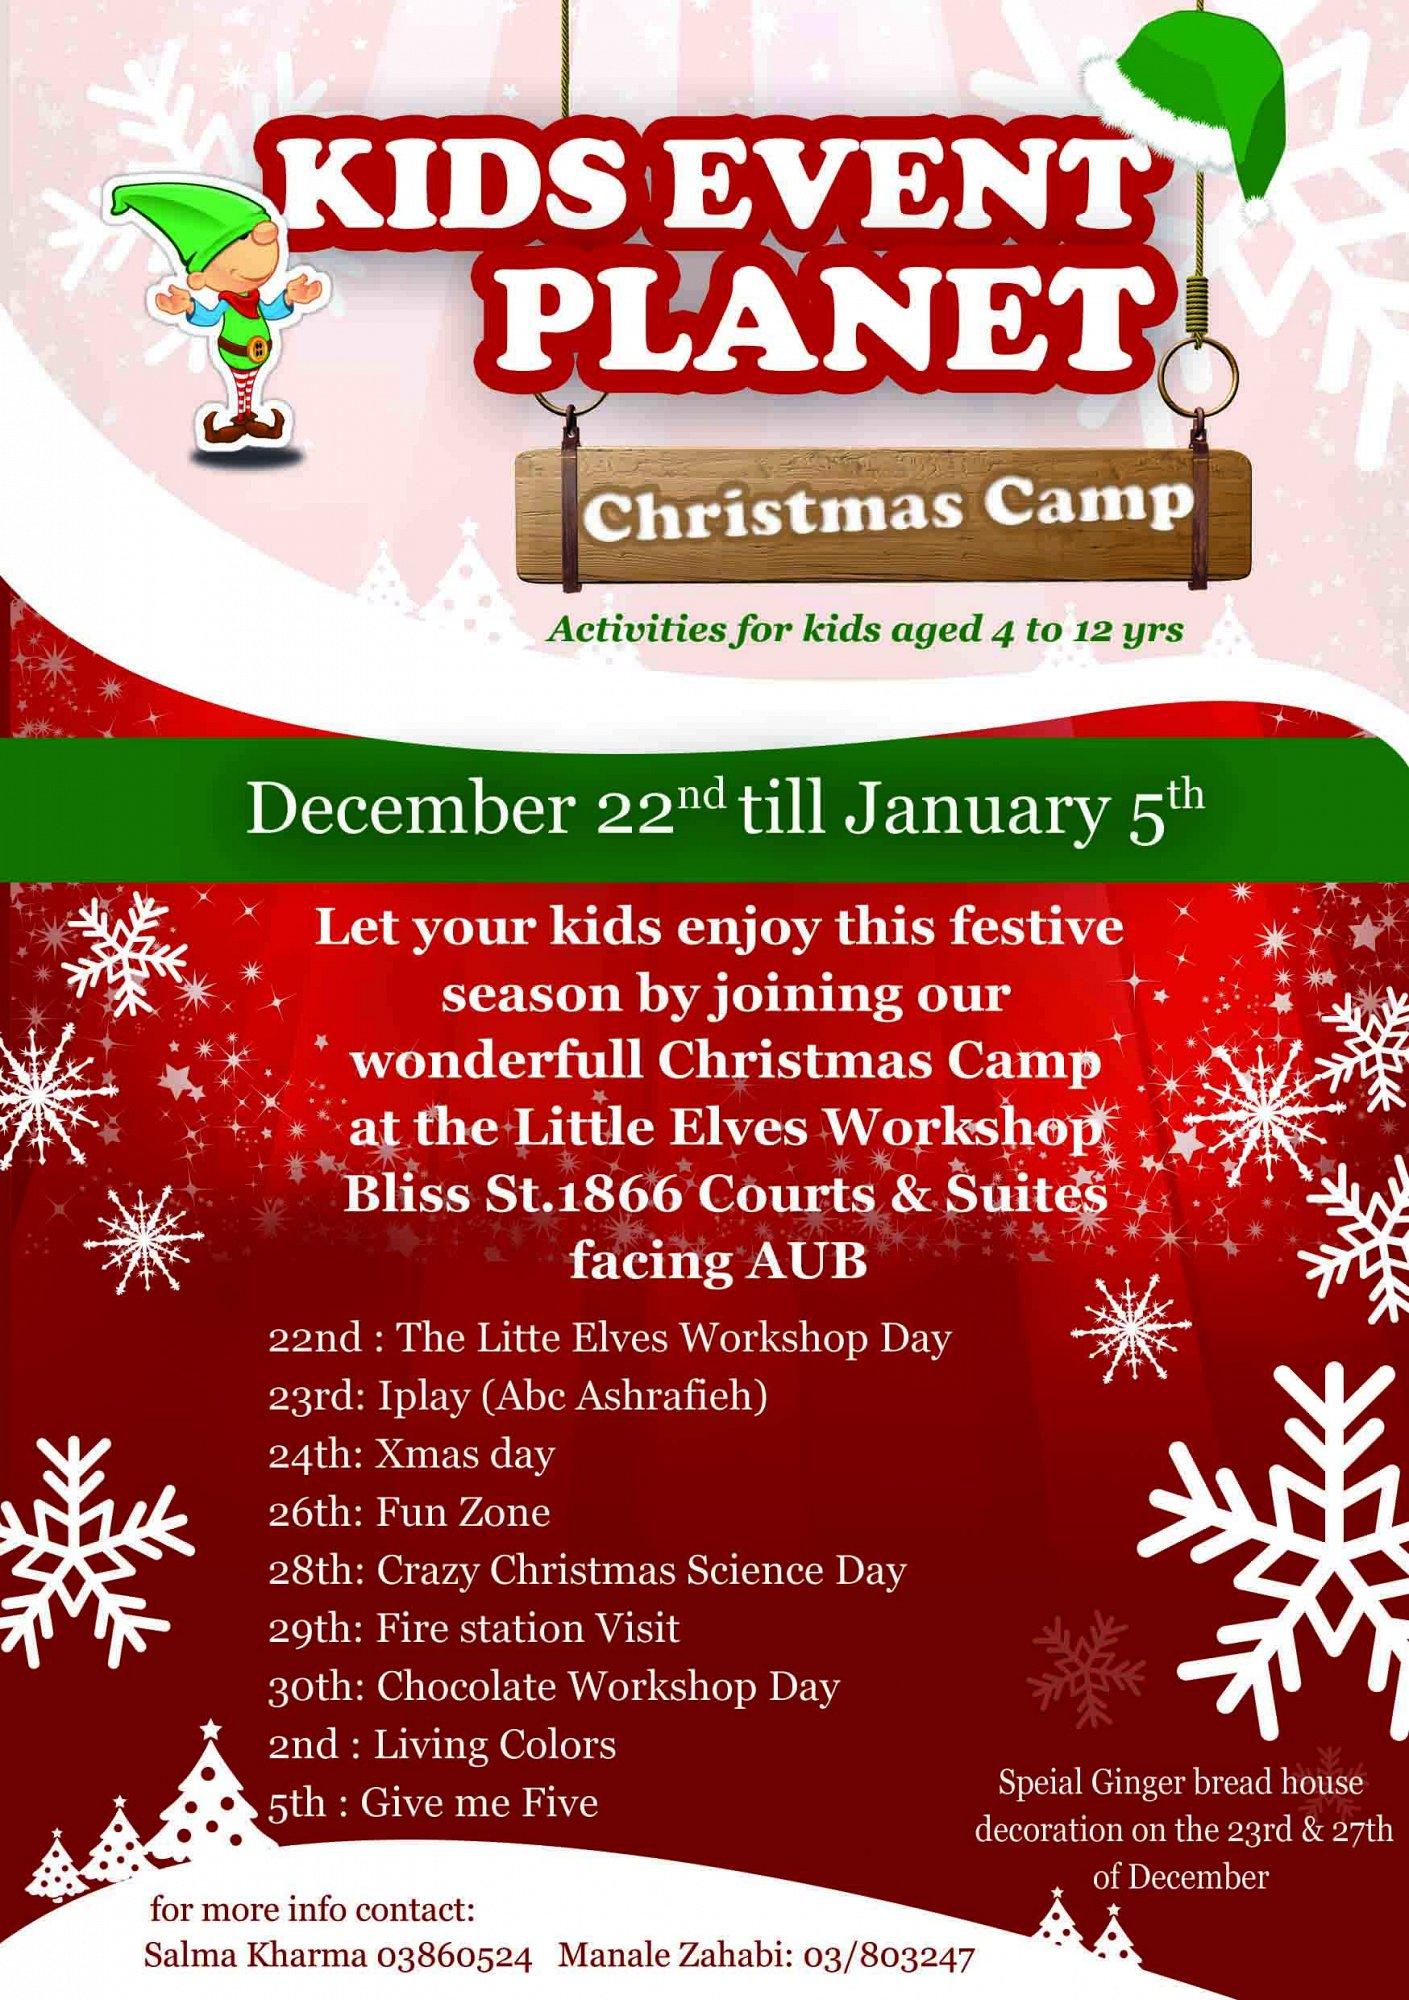 Kids Event Planet Xmas Camp Lebtivity